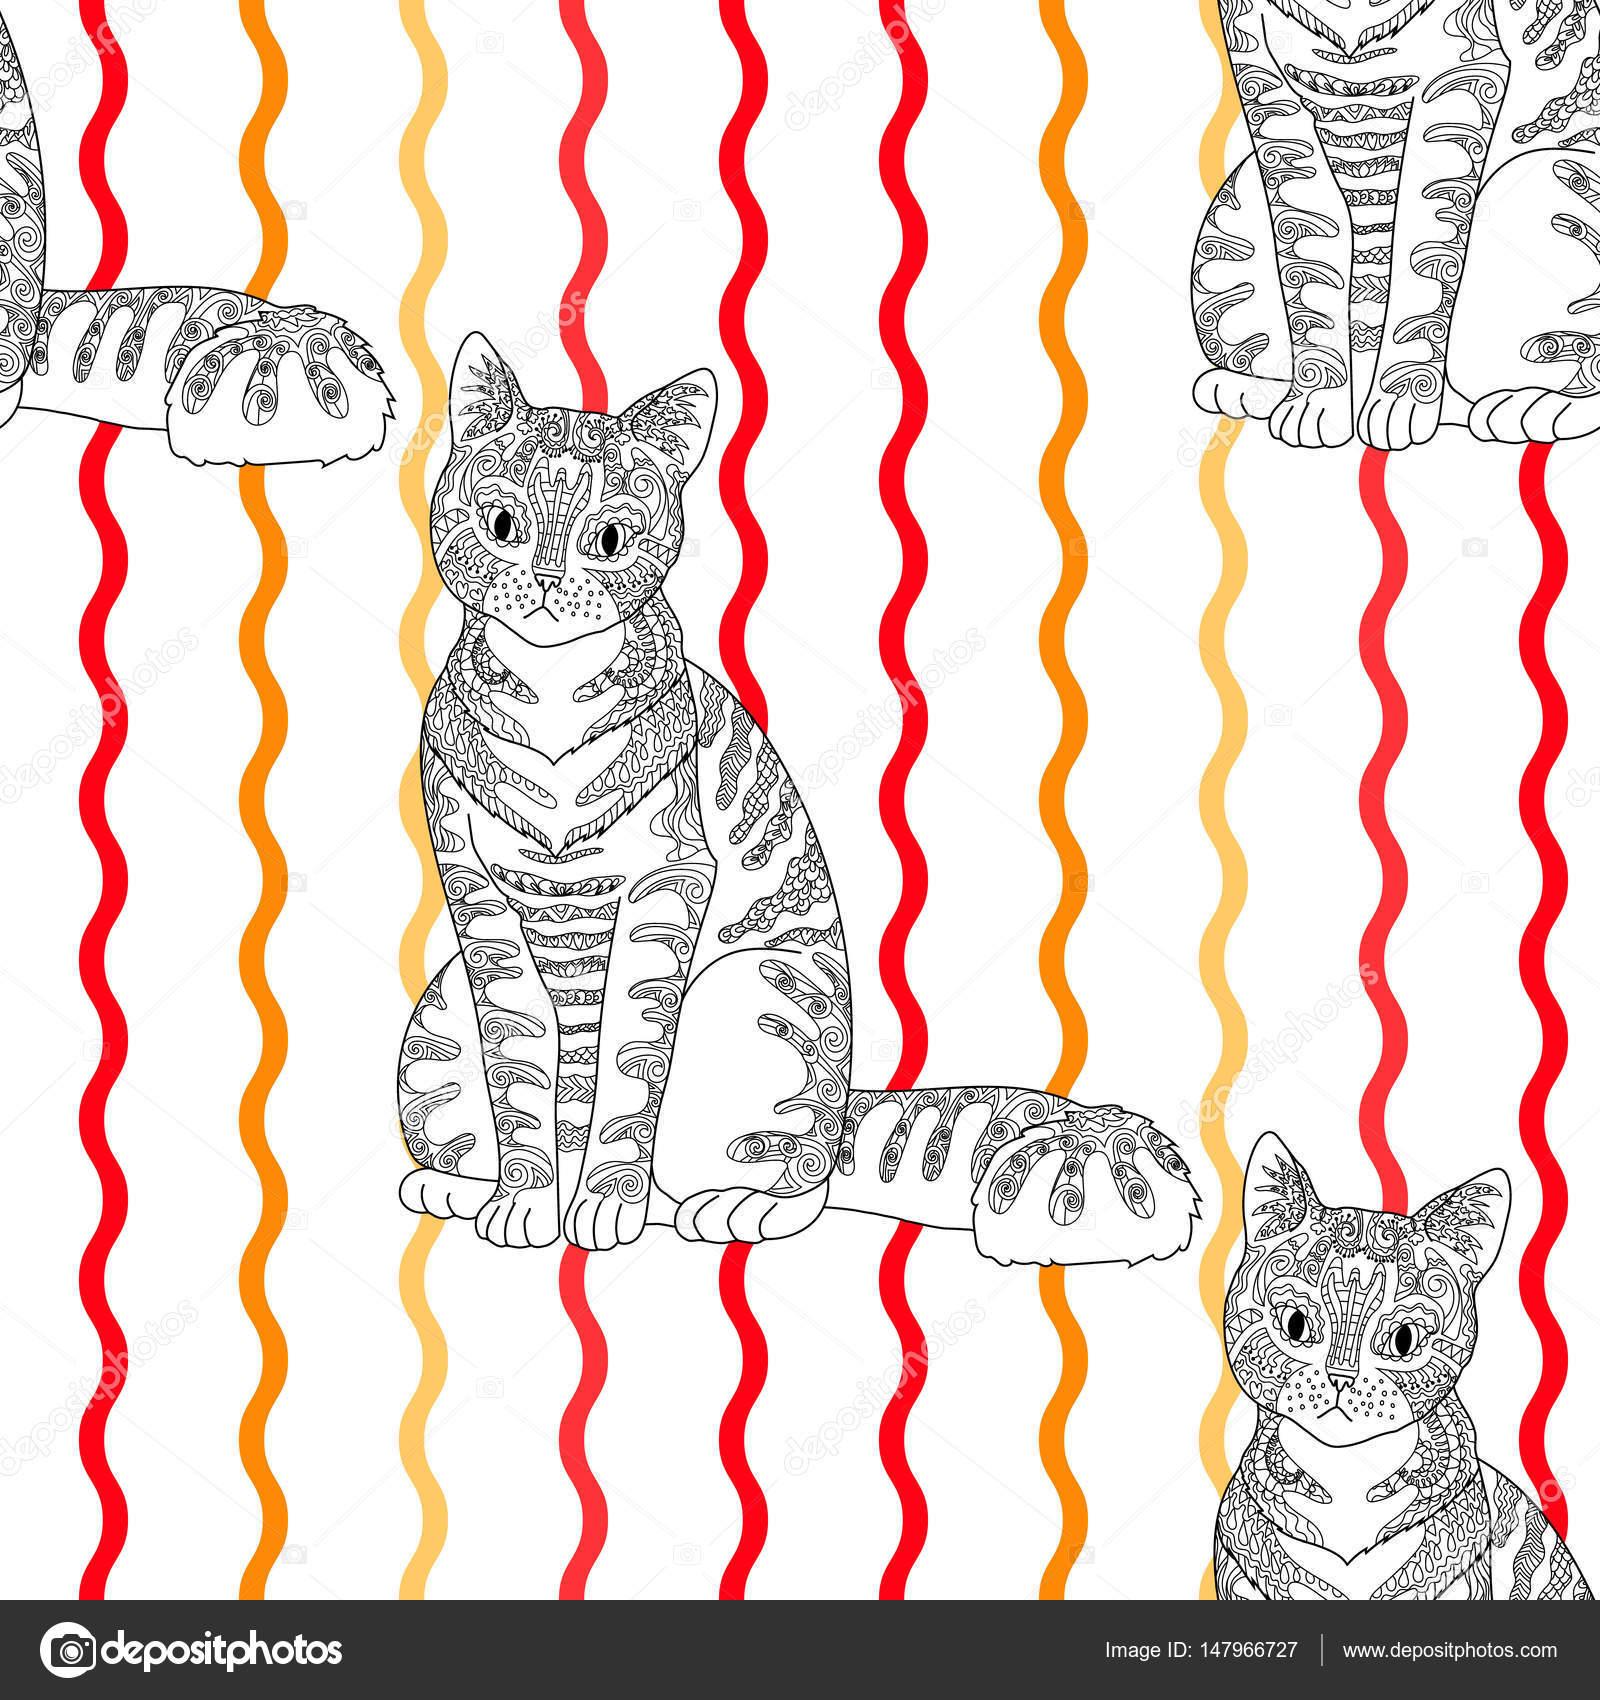 Alto padrão sem costura detalhada com gato — Vetores de Stock ...